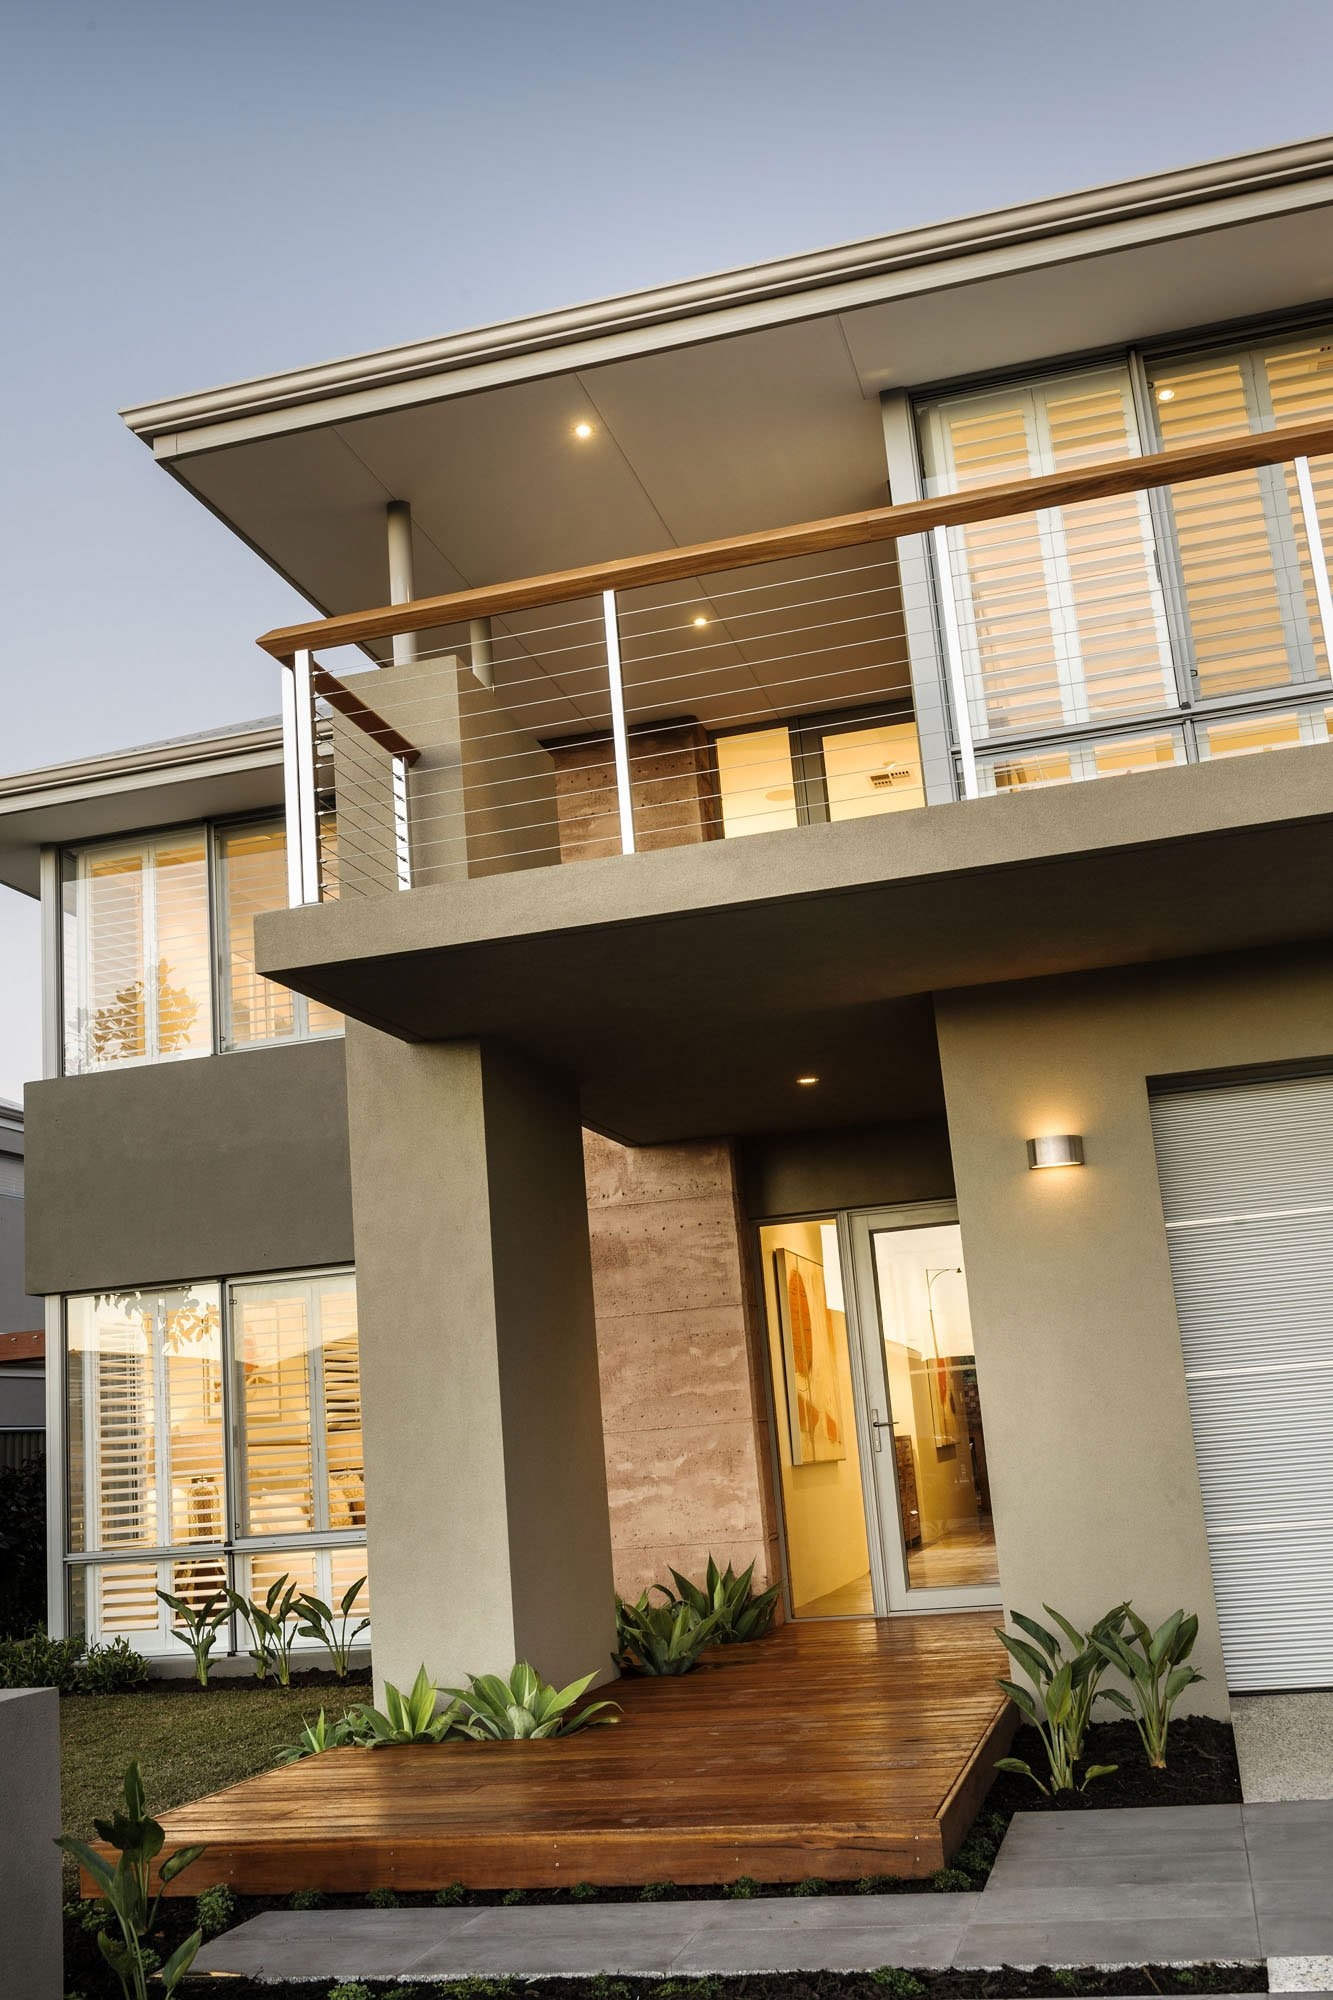 La puerta del ingreso principal es de cristal con marcos de madera y esta debidamente jerarquizada por el techo (del balcón) y la columna, el camino interior es de madera y el exterior es de concreto pulido